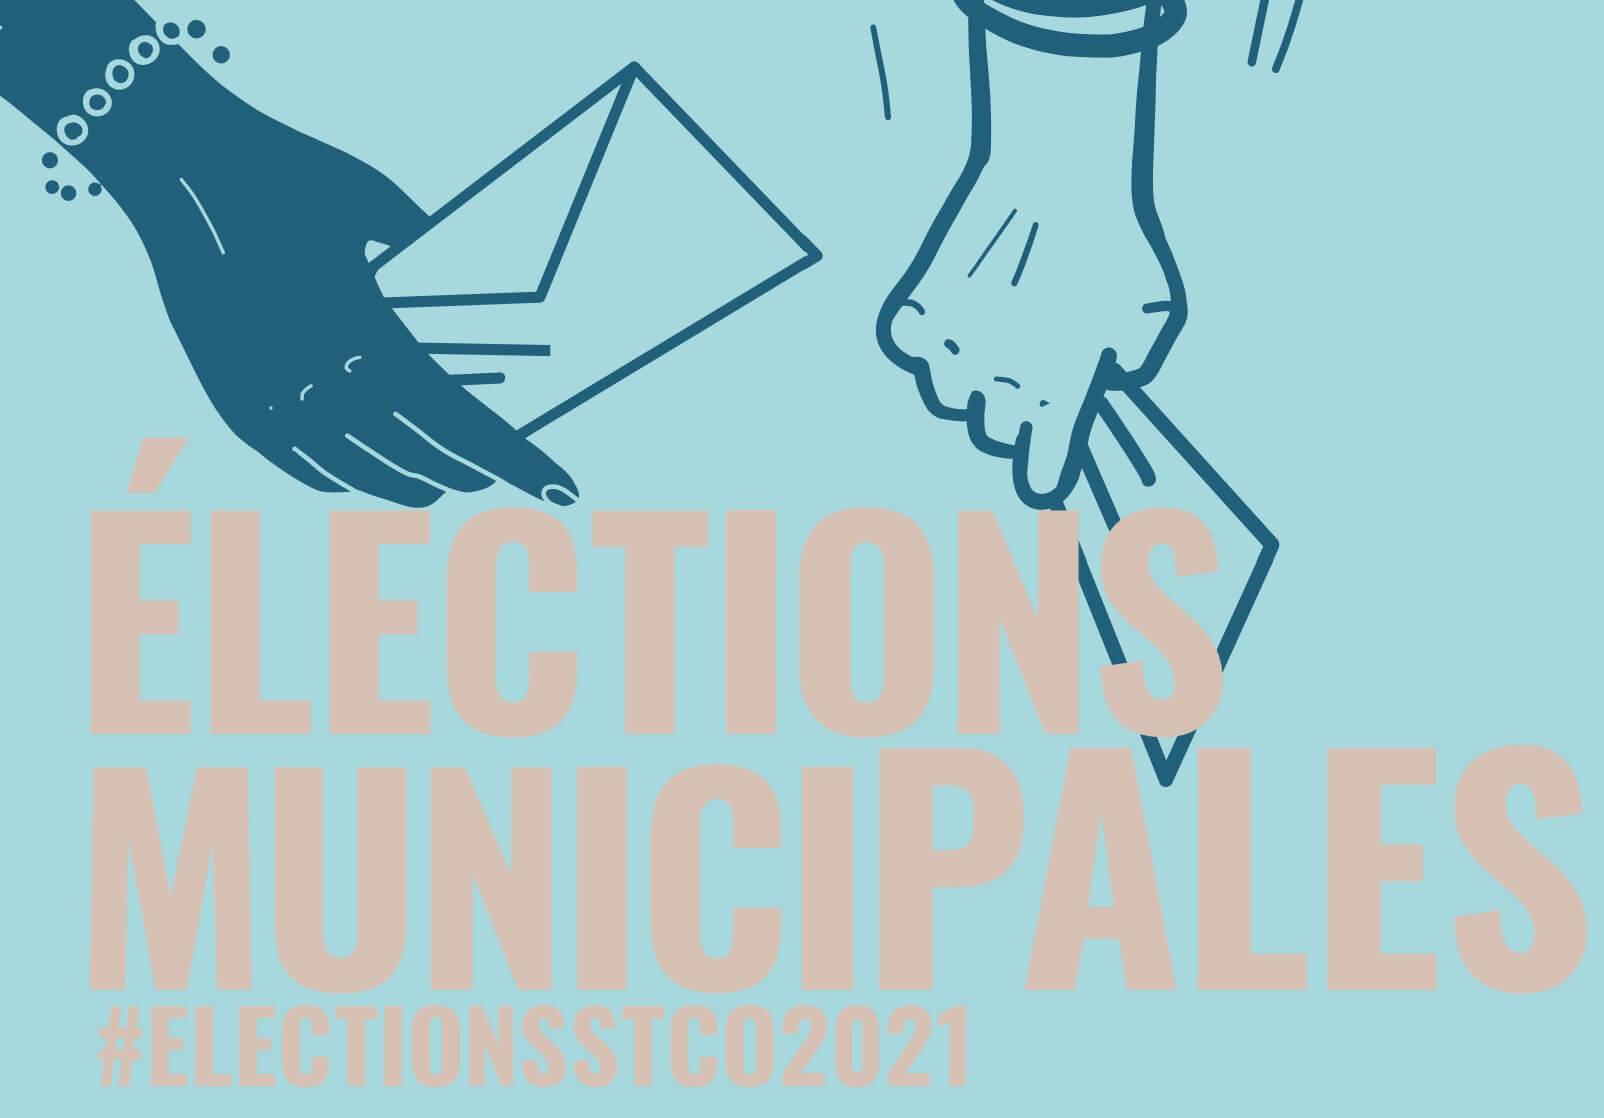 Recrutement du personnel électoral